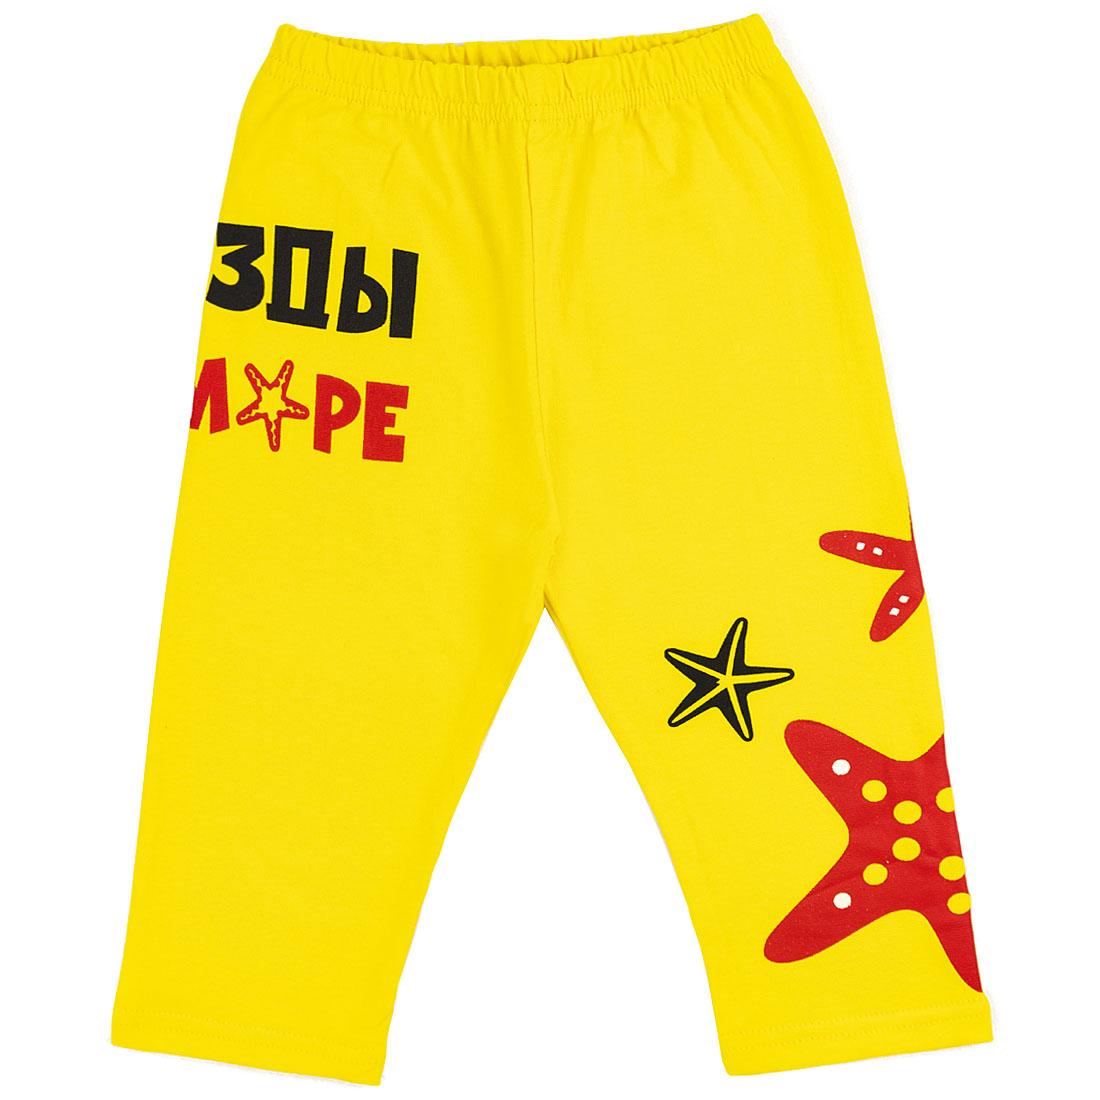 Купить 437/2к ап, Бриджи детские Юлла, цв. желтый р. 92, Шорты и брюки для новорожденных